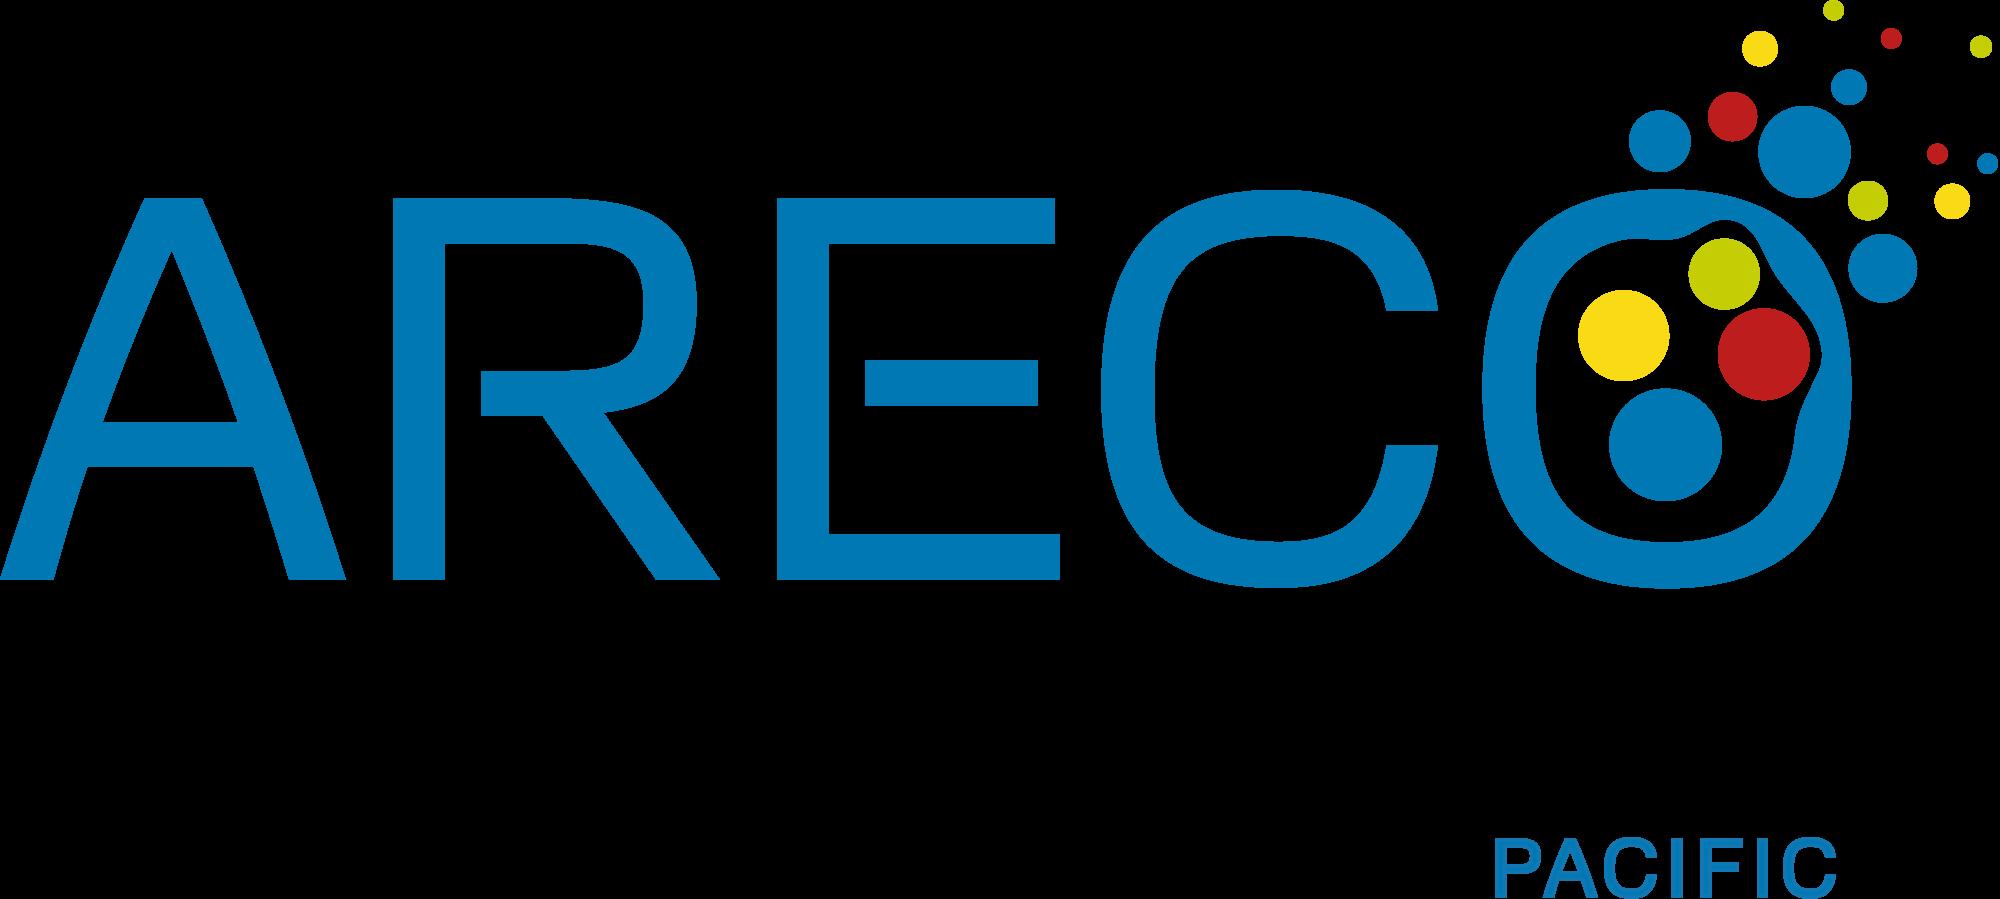 ARECO pacific